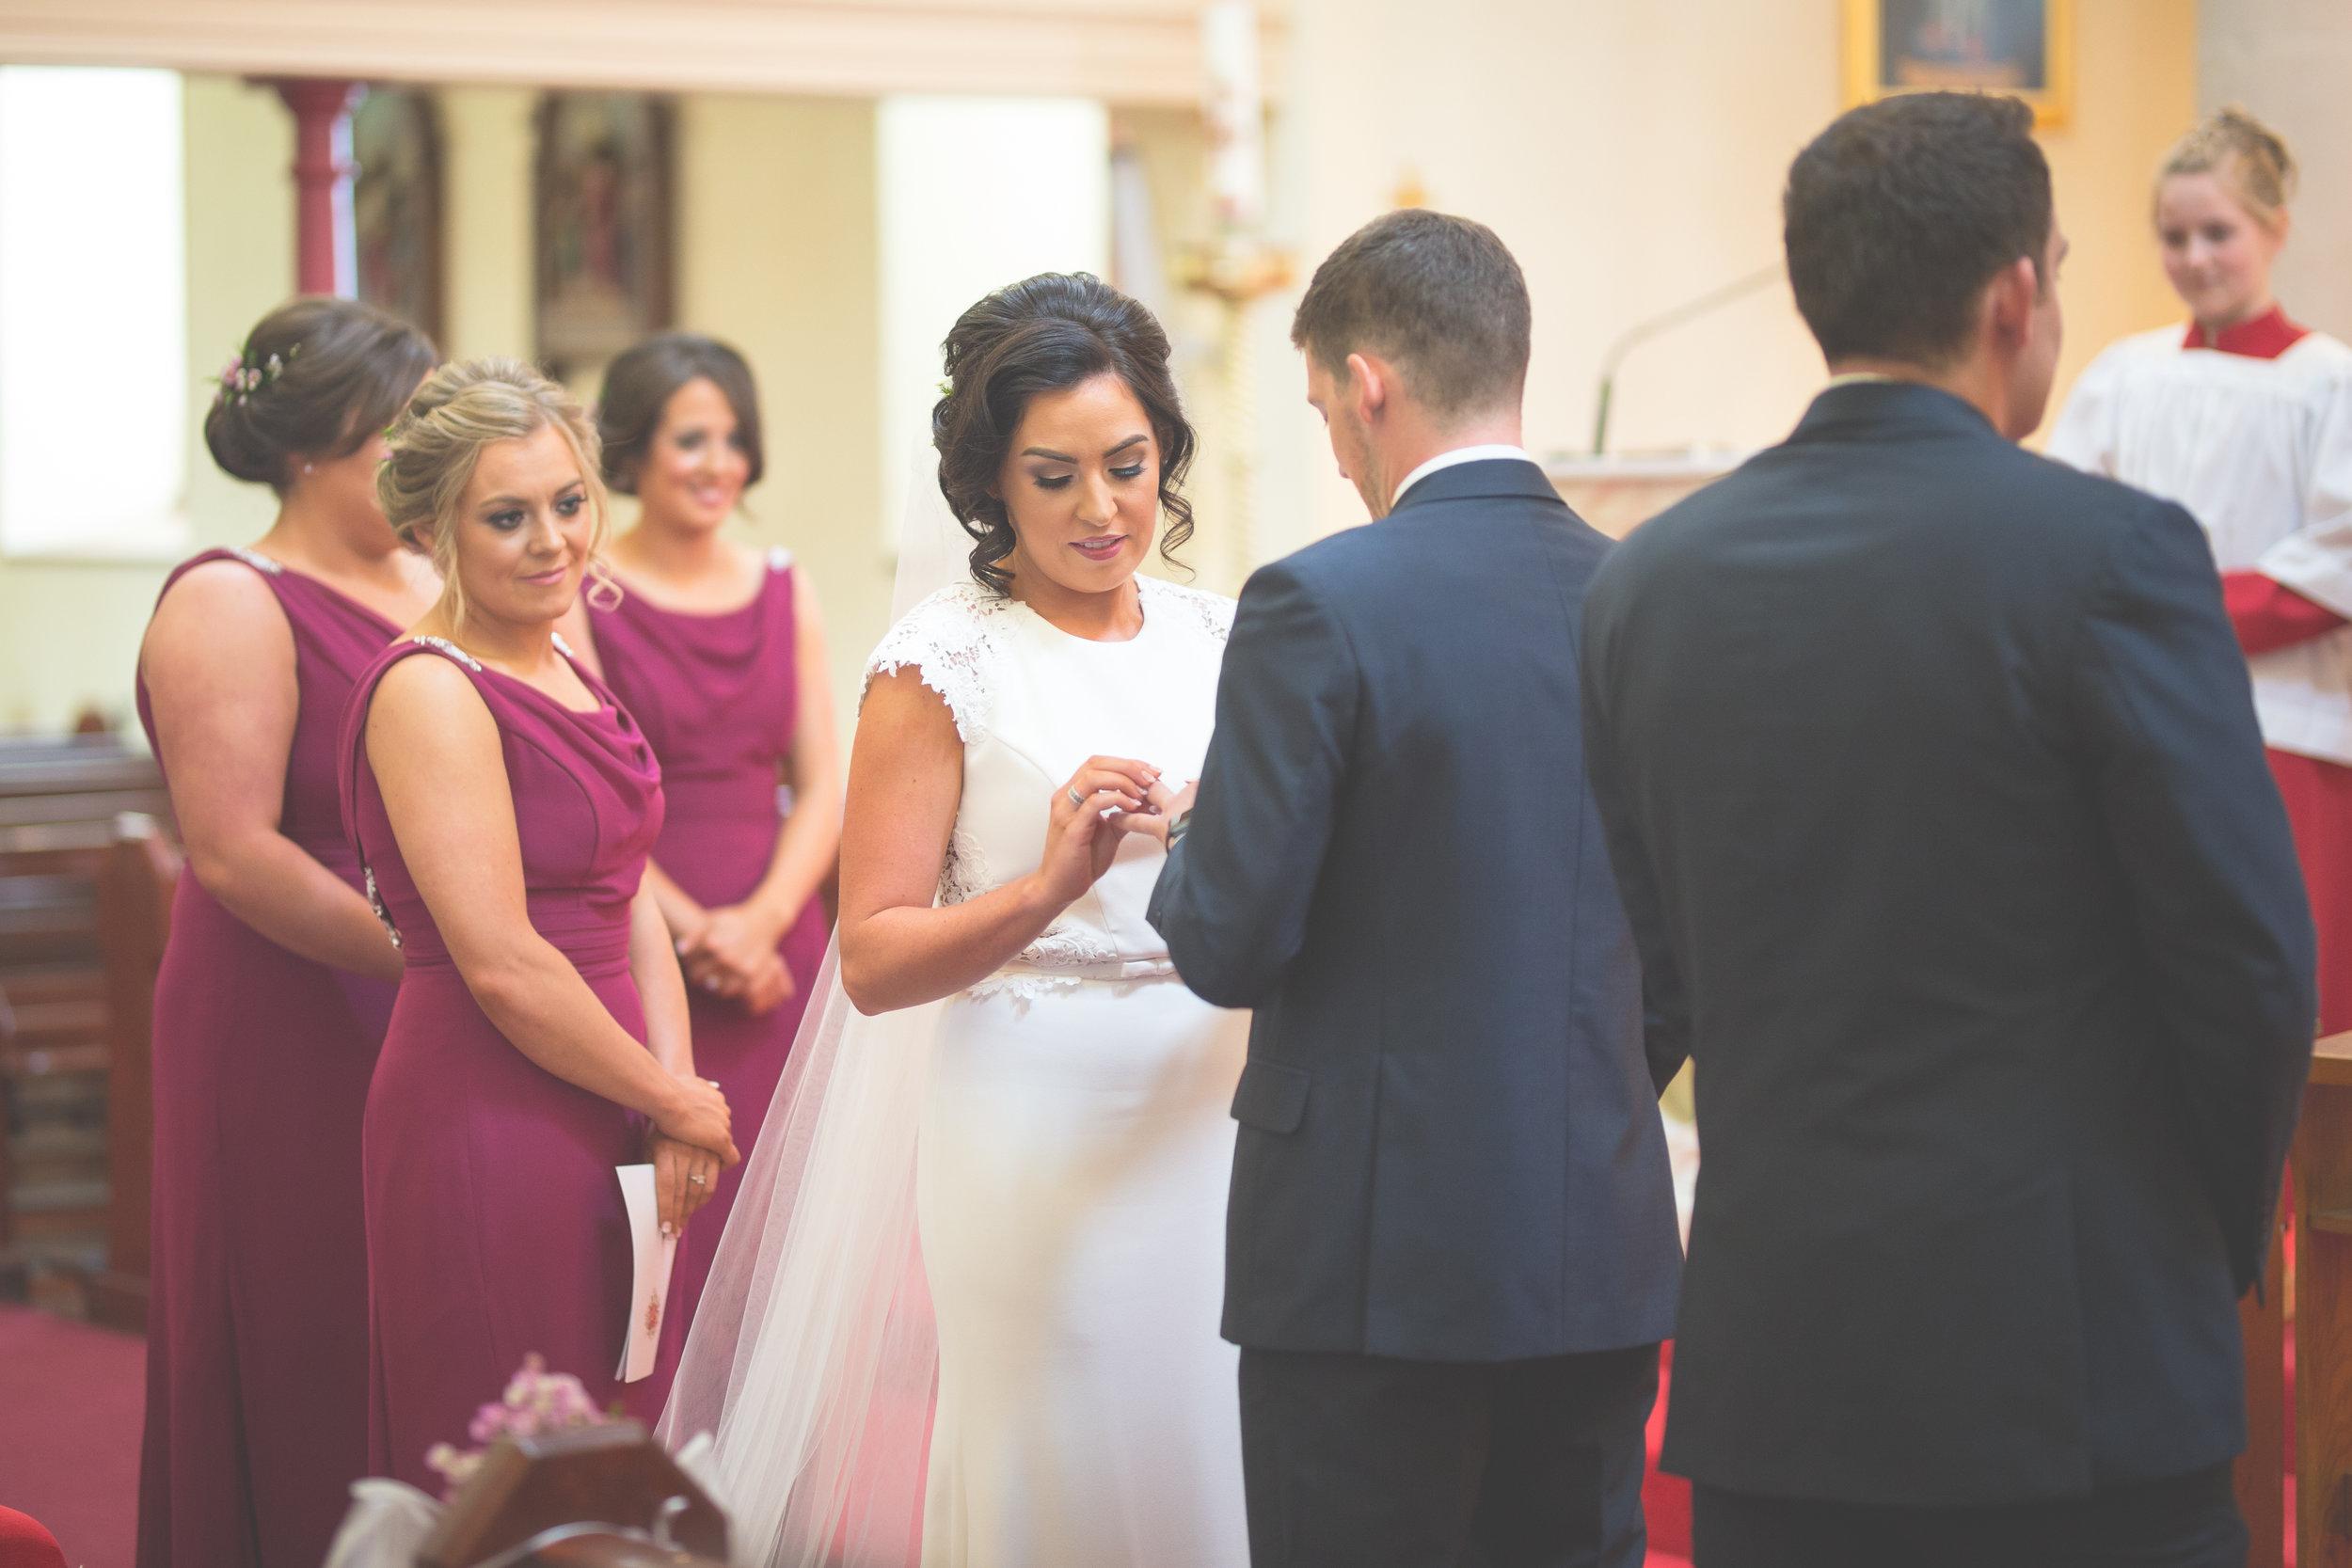 Brian McEwan Wedding Photography   Carol-Anne & Sean   The Ceremony-47.jpg